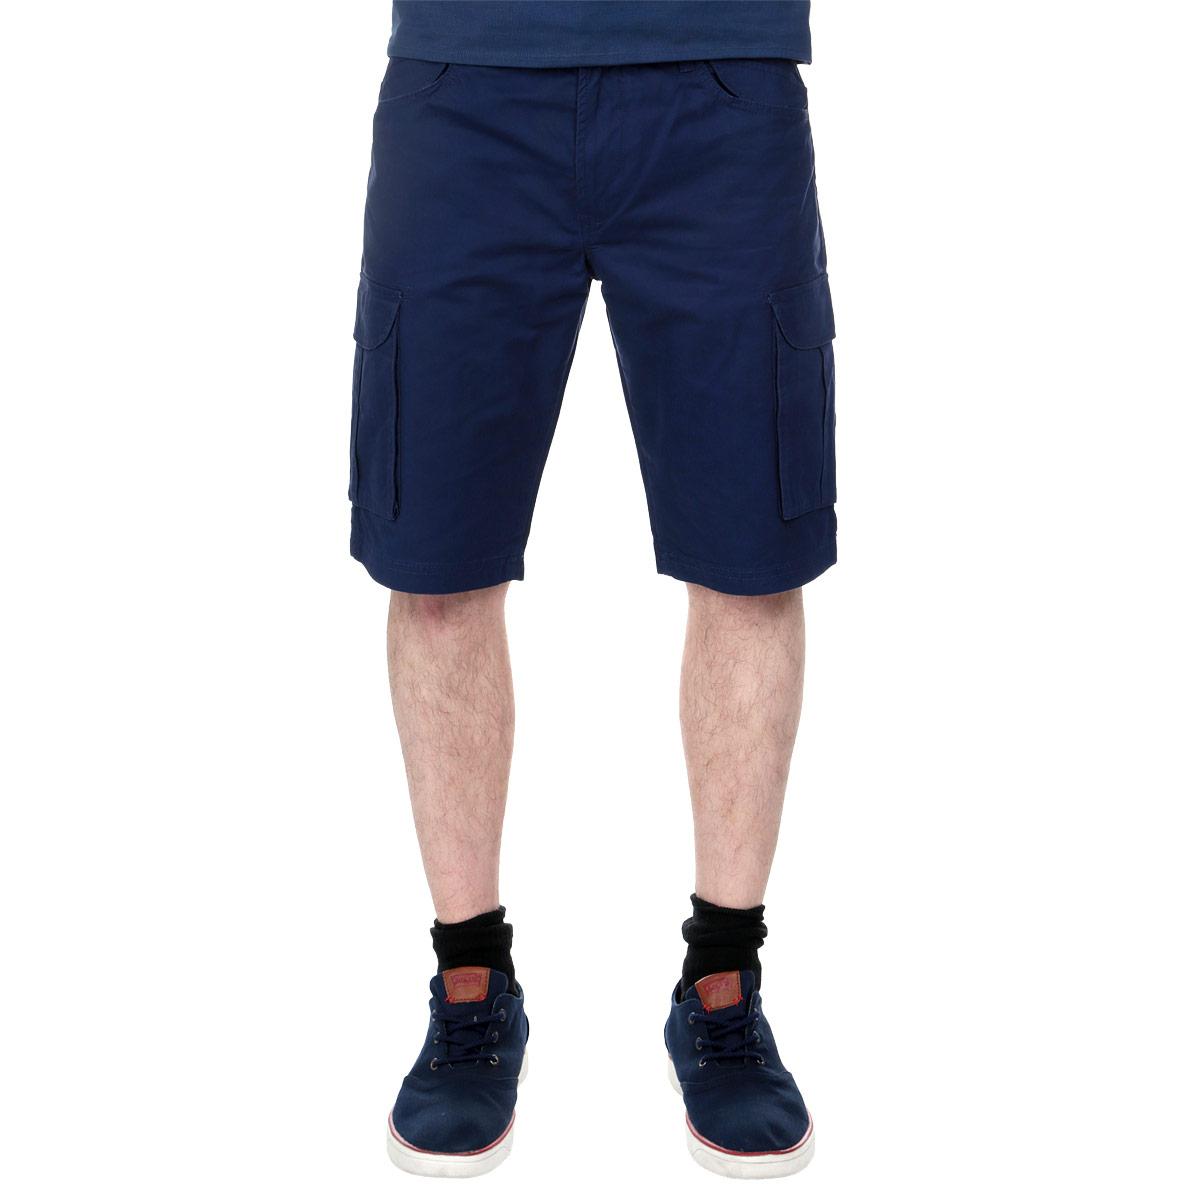 Шорты мужские. SSZ0701SSZ0701GRСтильные шорты Top Secret, изготовленные из натурального хлопка, подойдут любому мужчине, который ценит комфорт и оригинальность. Эта модель станет отличным дополнением к вашему современному образу. Шорты-бермуды на талии застегиваются на пластиковую пуговицу, также имеются ширинка на застежке-молнии и шлевки для ремня. Модель спереди дополнена двумя втачными карманами с декоративными клапанами, а сзади - двумя прорезными карманами с клапанами. Также по бокам предусмотрены вместительные накладные карманы с клапанами. Эти модные и удобные шорты послужат отличным дополнением к вашему гардеробу. В них вы всегда будете чувствовать себя уверенно и комфортно.